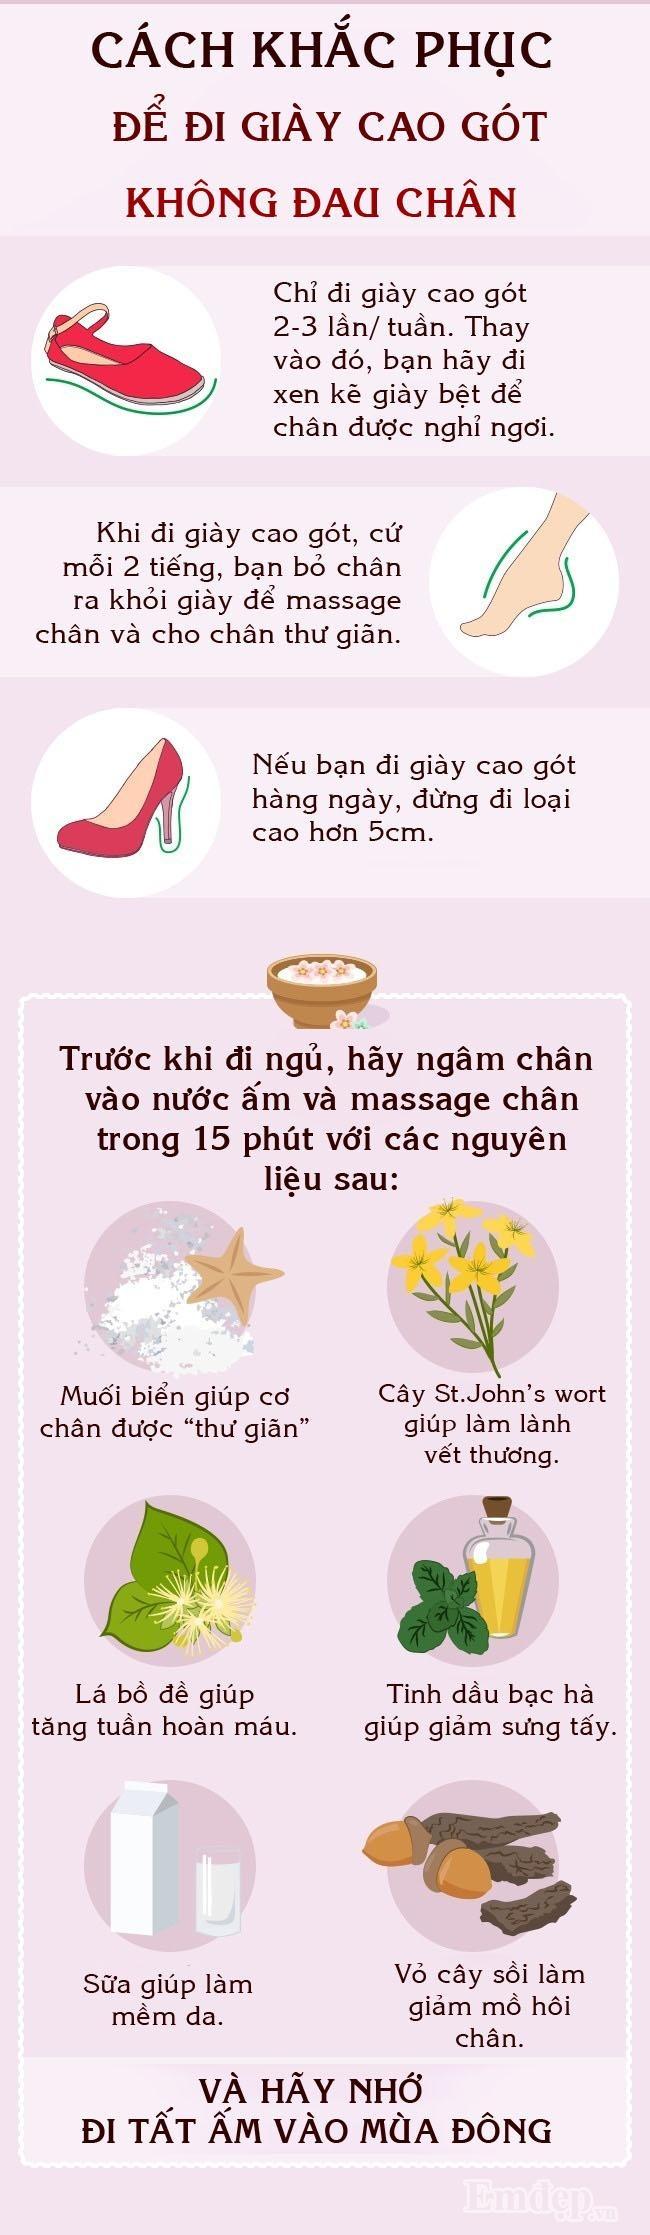 Các cô gái, đây là cách để đi giày cao gót không bị đau chân